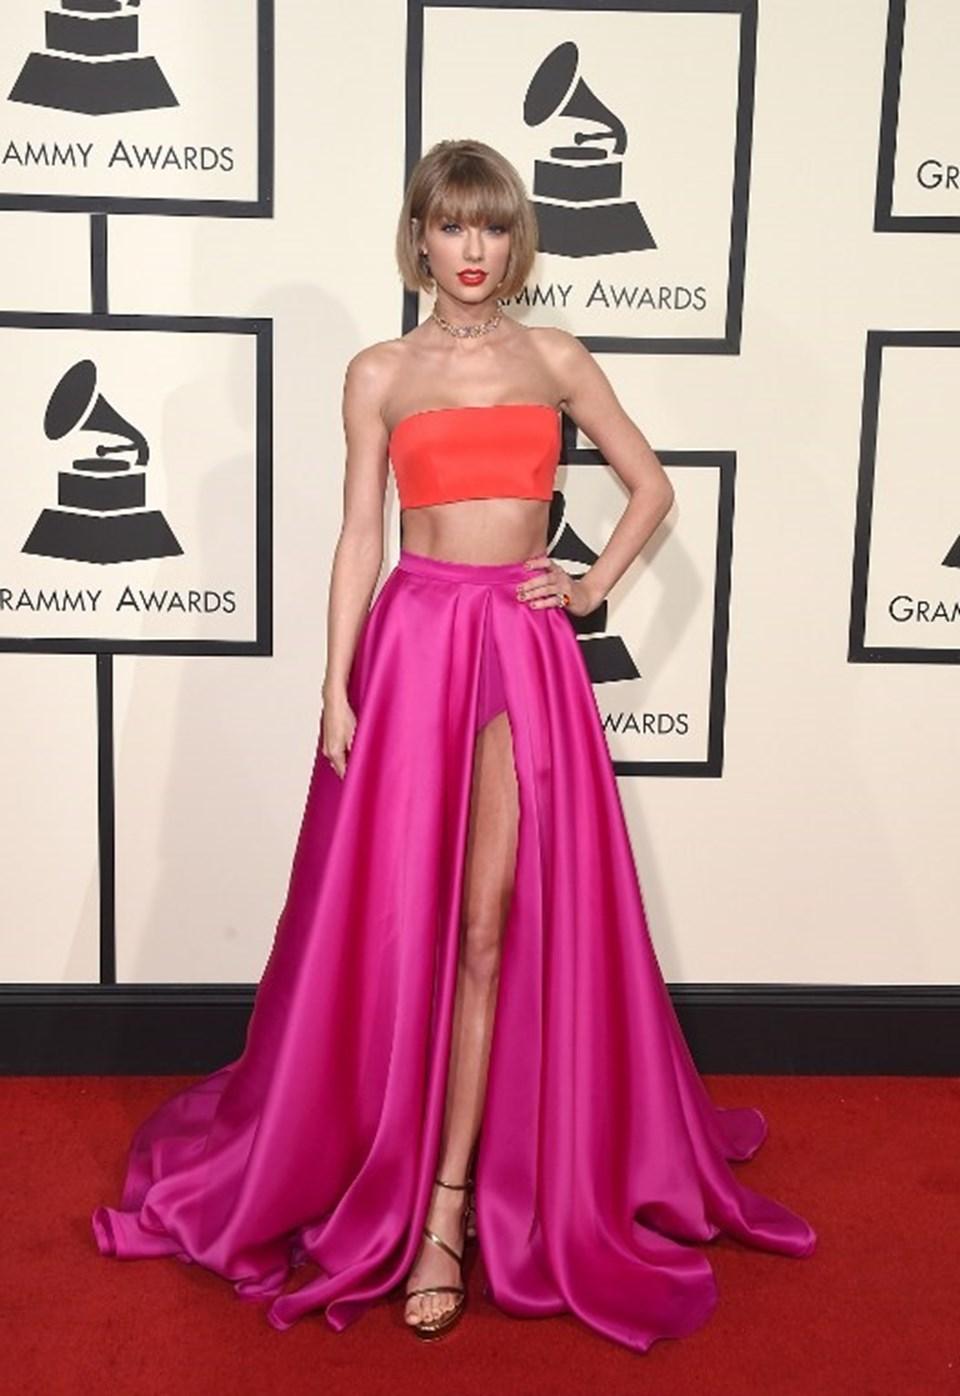 26 yaşındaki şarkıcı, Forbes'a göre kısa sürede yakaladığı başarı nedeniyle 220 milyon dolarlık bir servetin sahibi oldu.